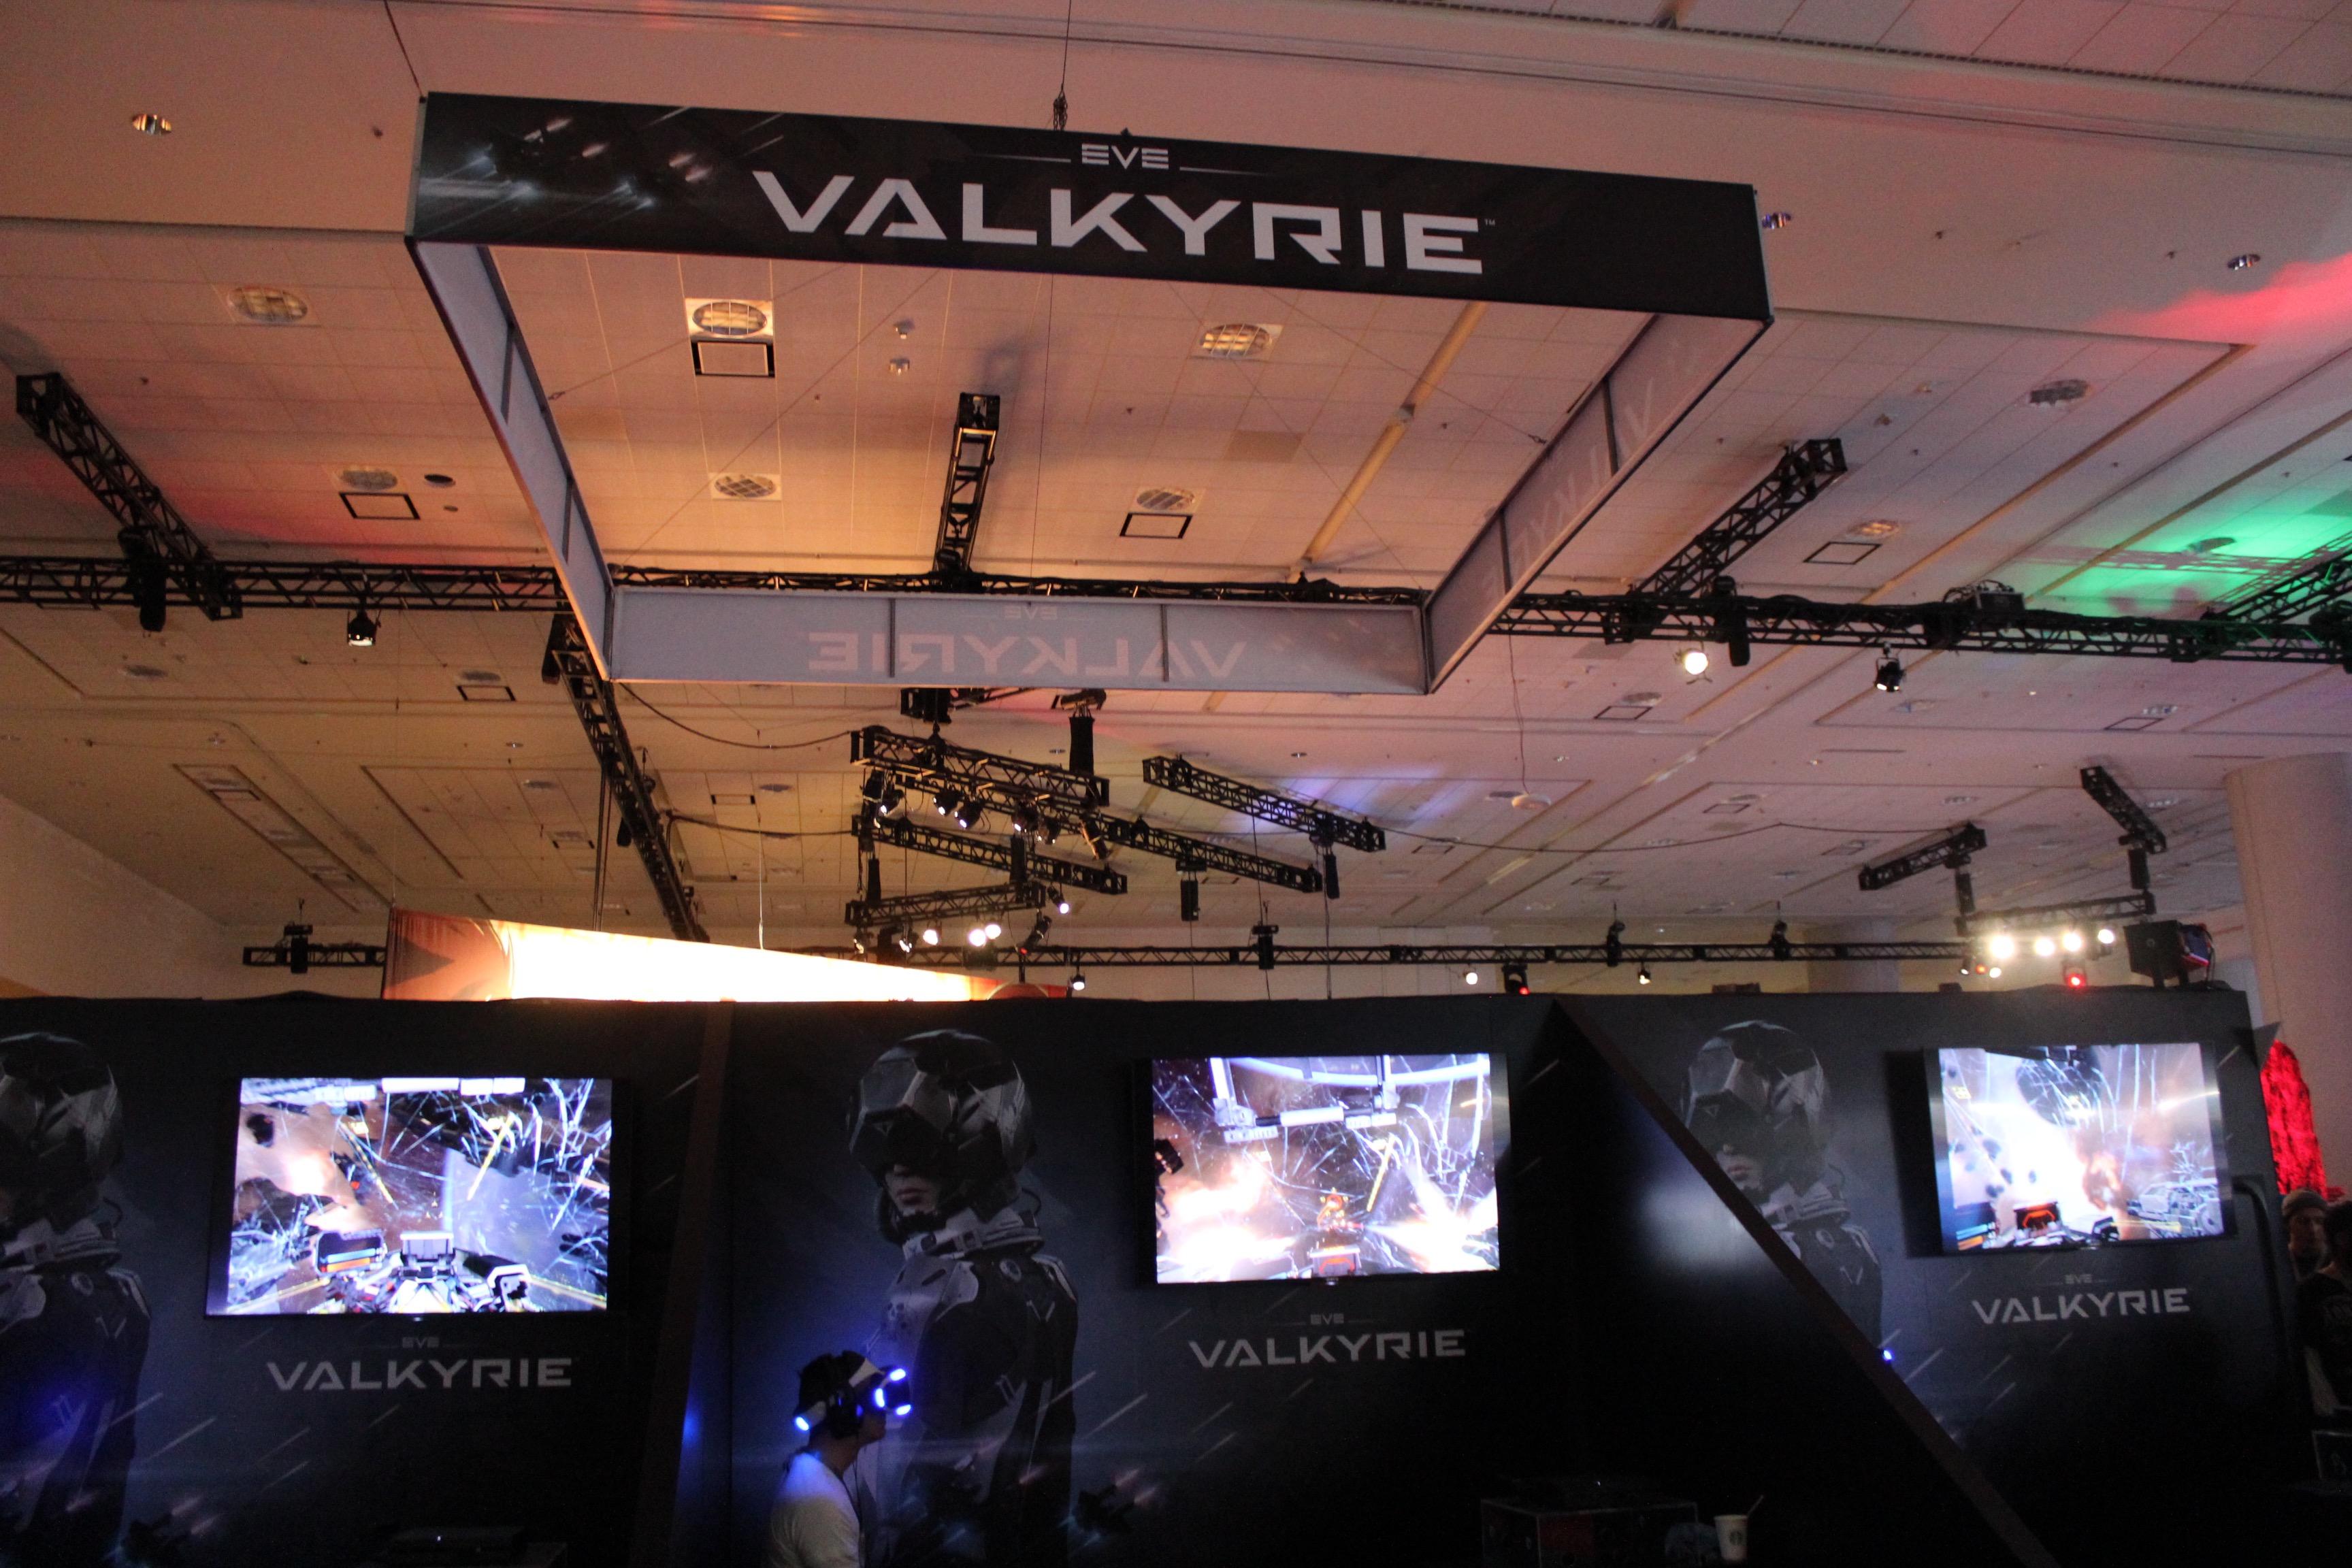 An <em>Eve: Valkyrie</em> demo kiosk.